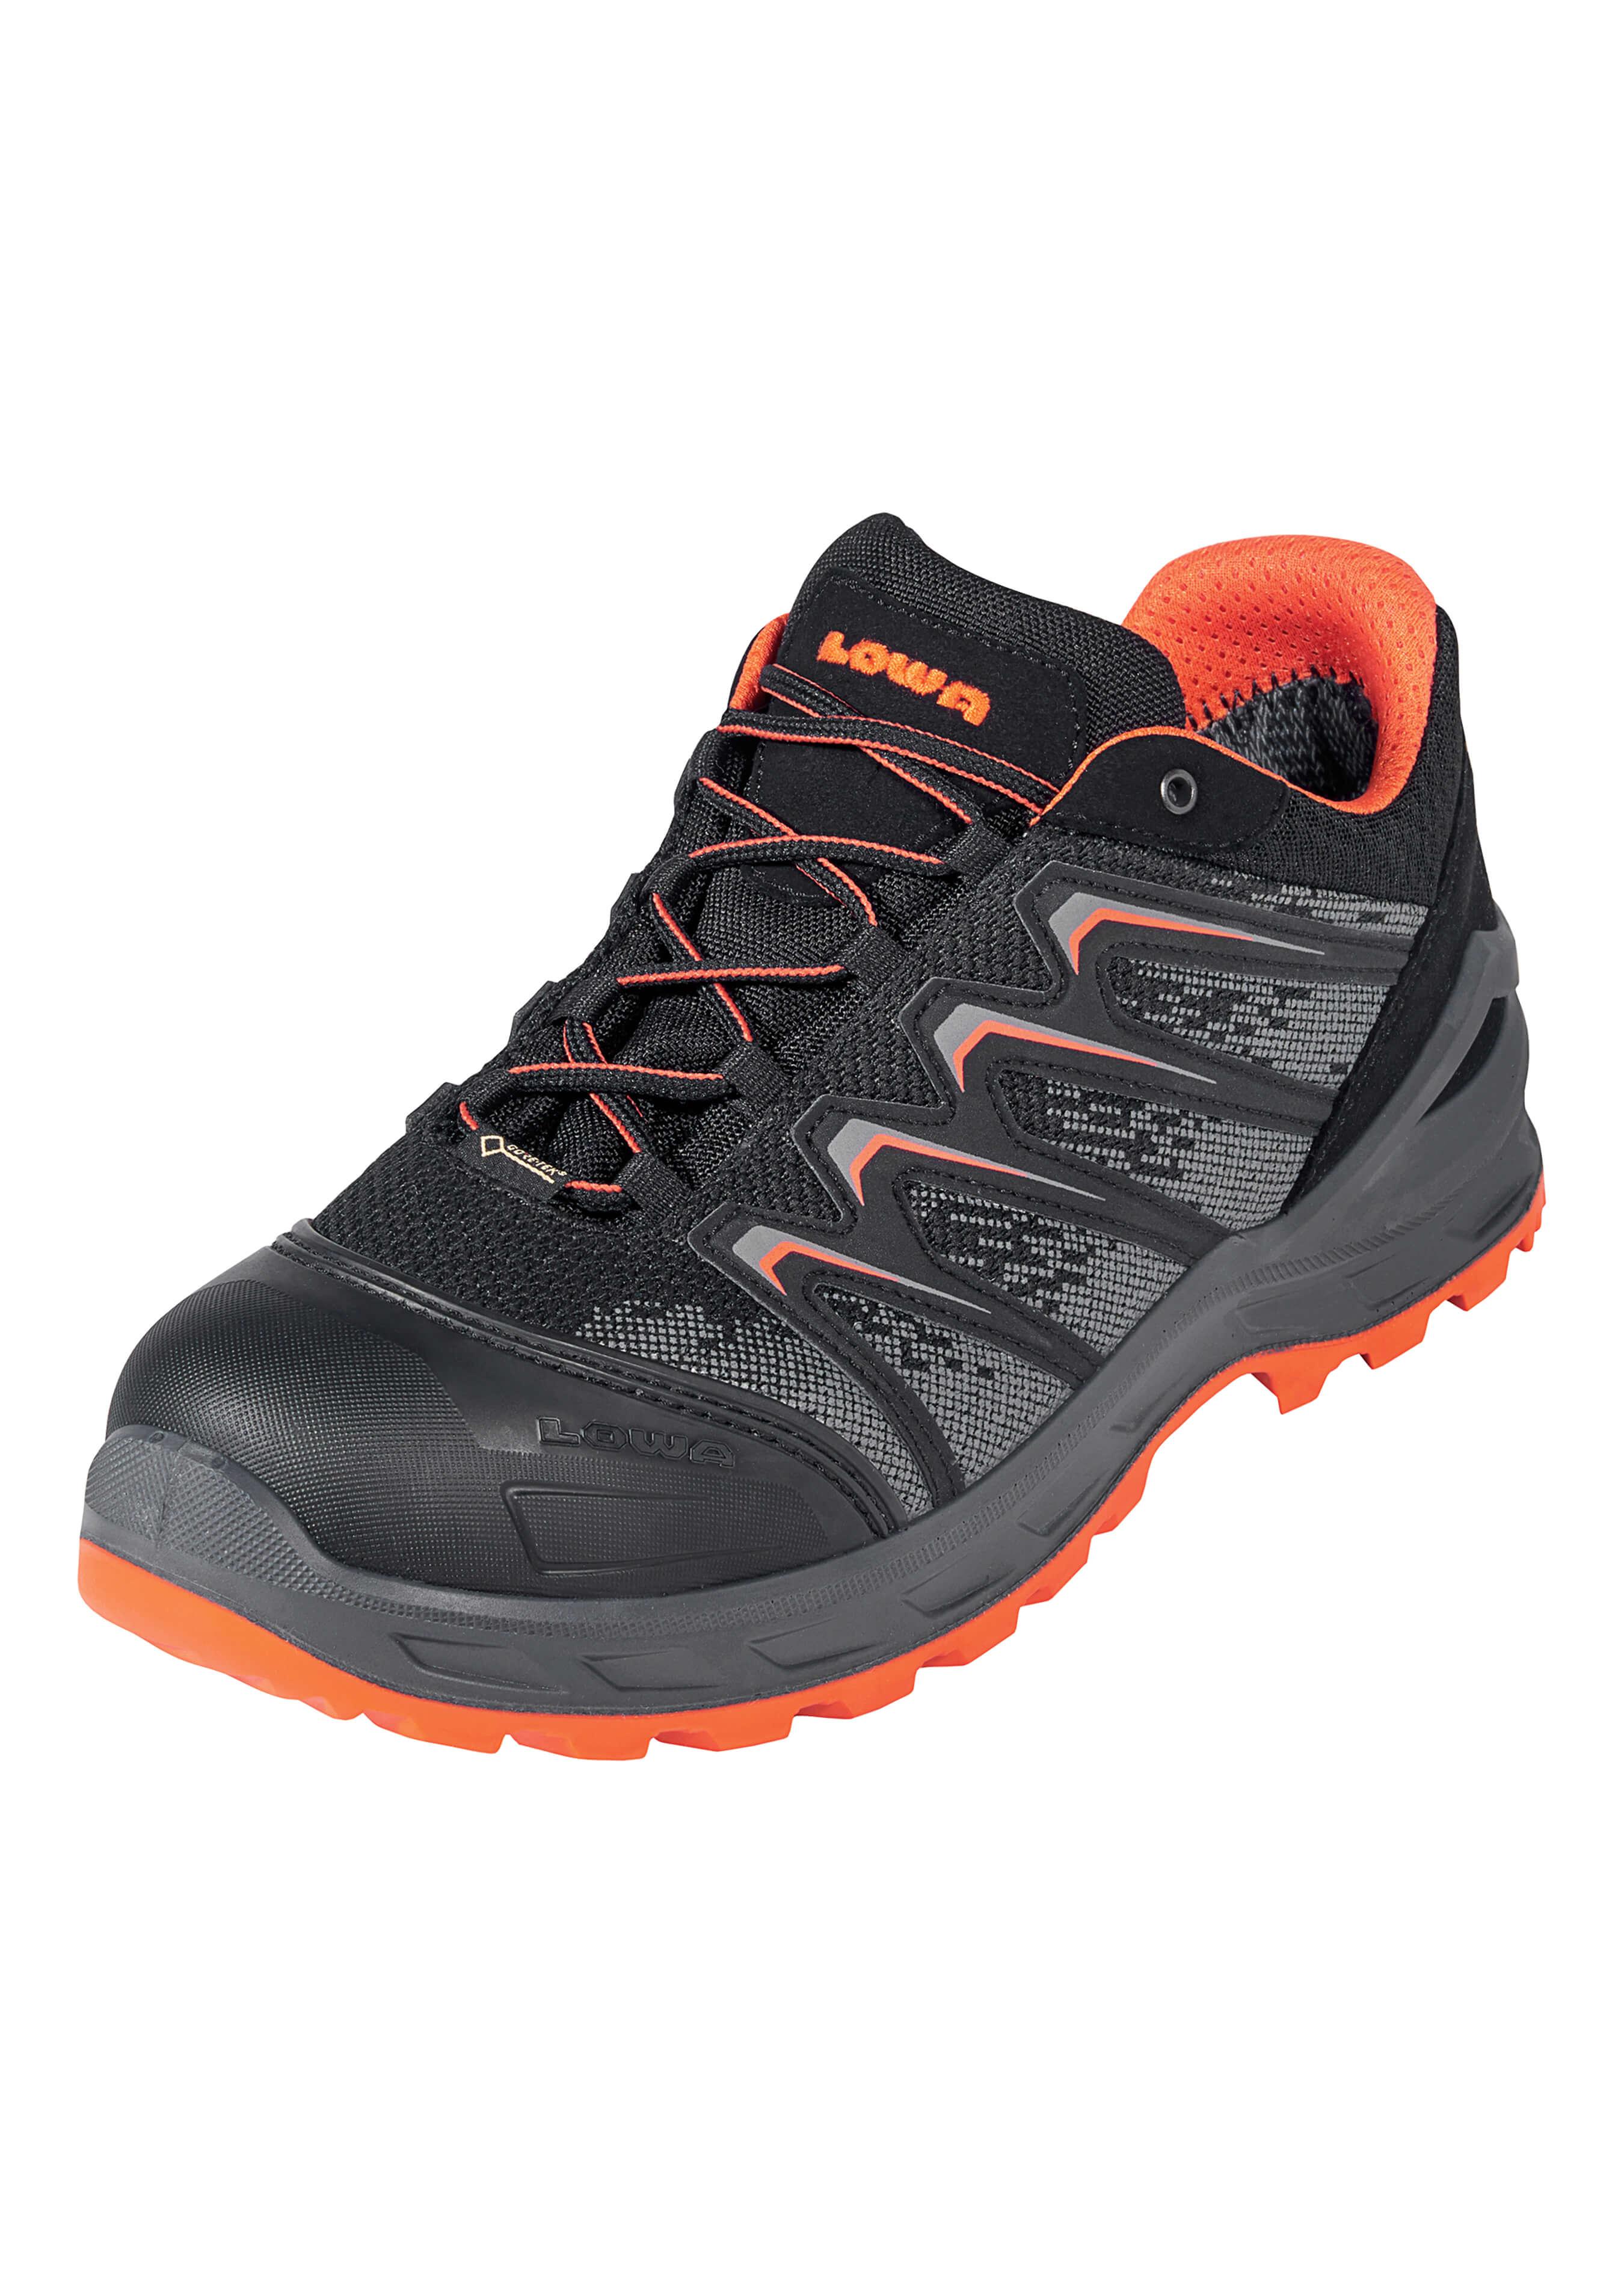 chaussure basse de sécurité Larrox Work S3 42065439 1